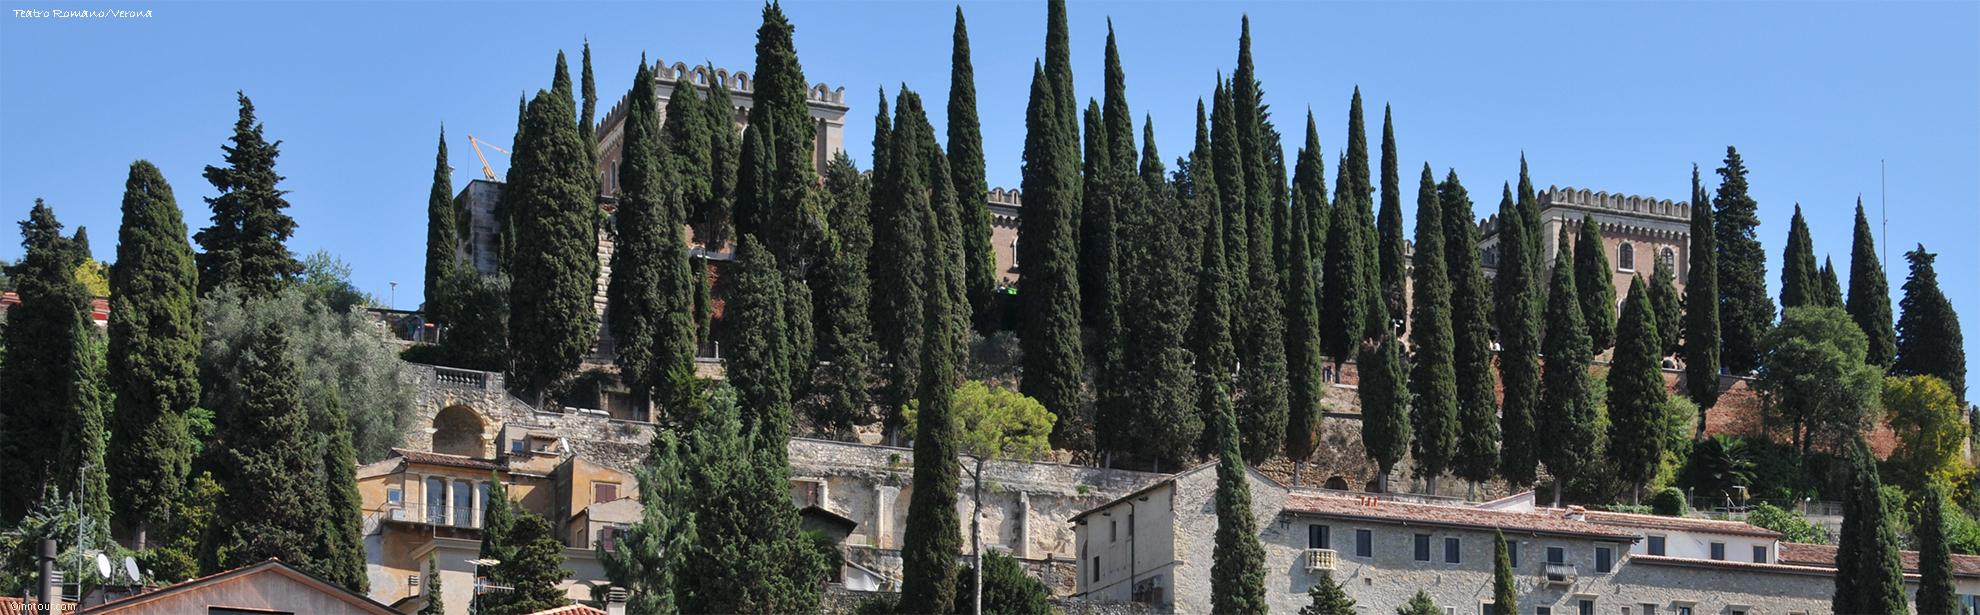 Oklassinntour_Teatro-Romano_Verona_DSC_1003